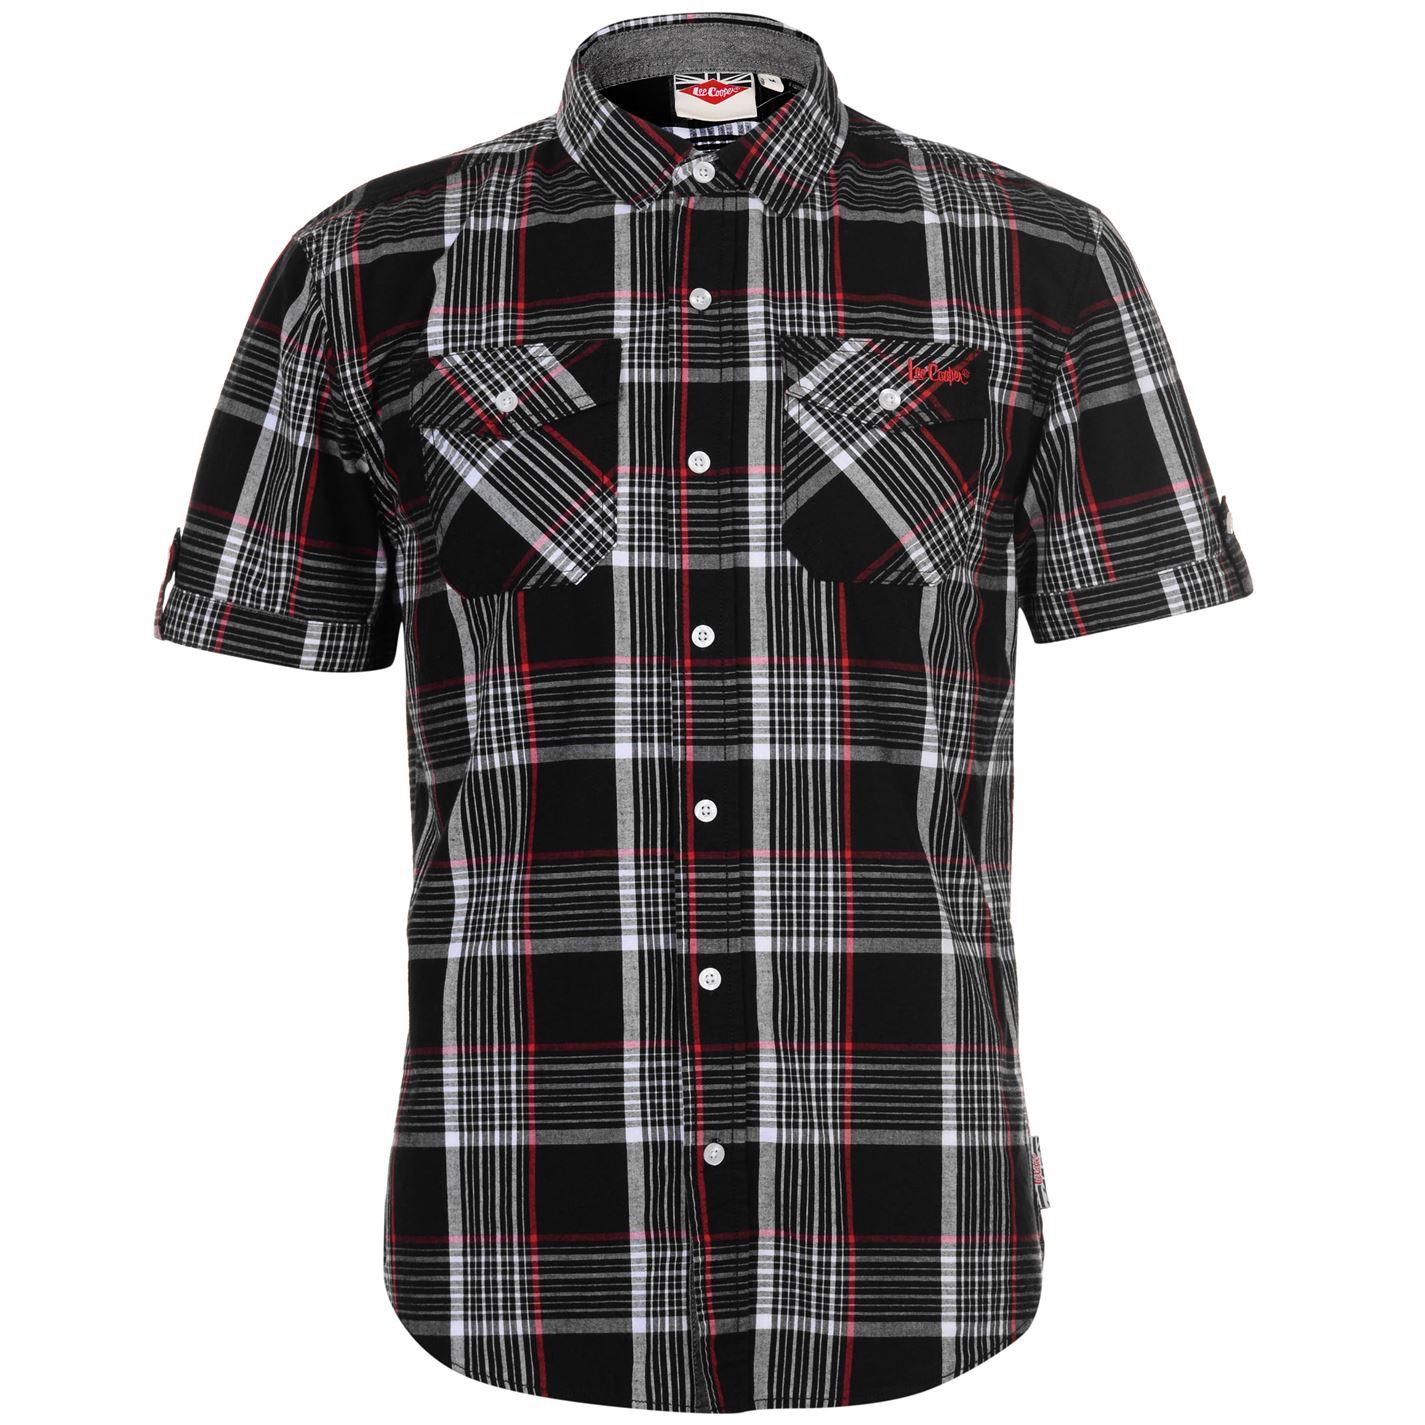 Lee Cooper SS Check Pánská košile 55721540 SD_Large